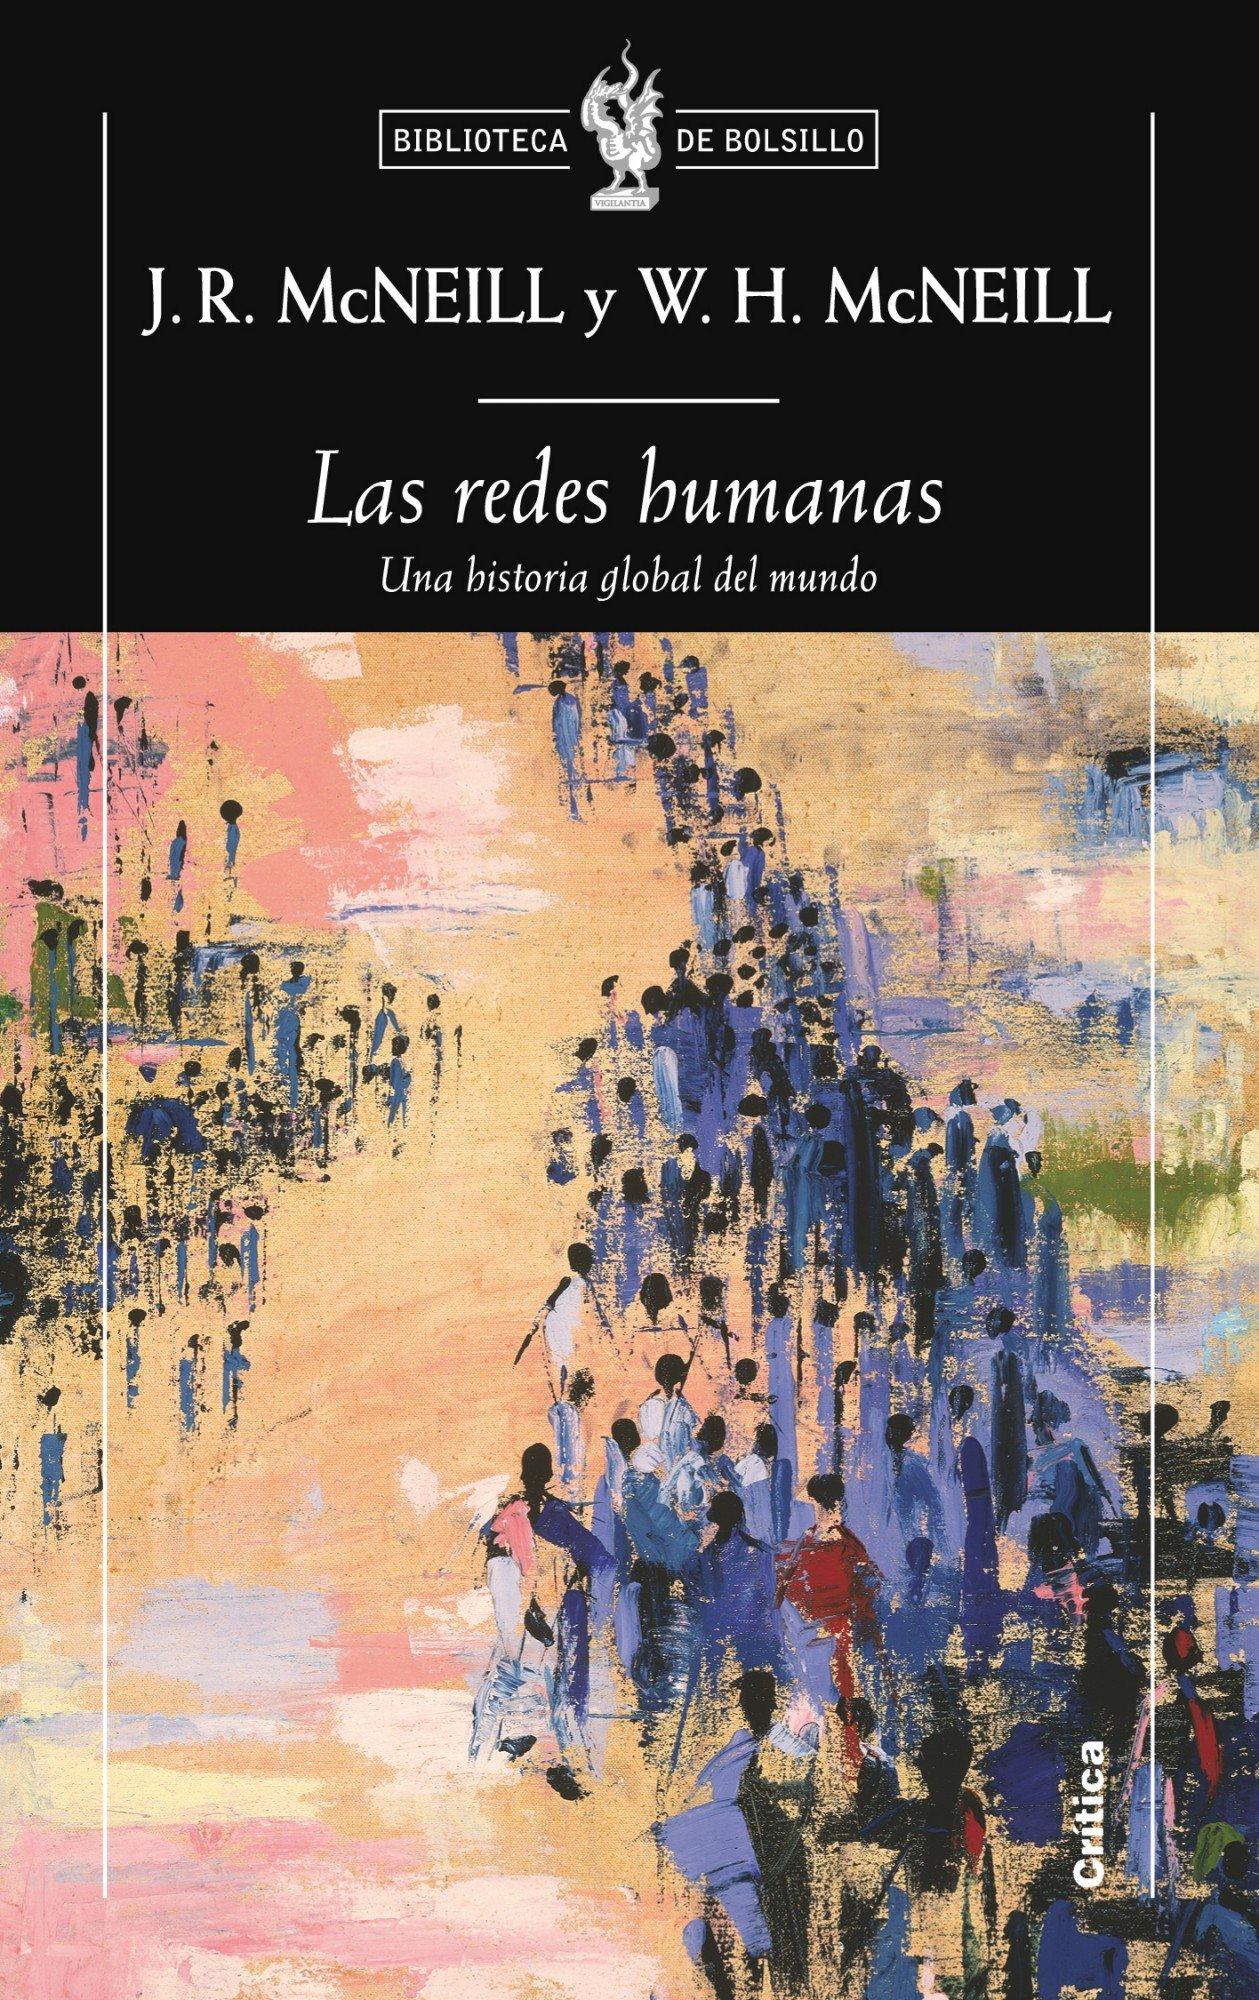 Las redes humanas: Una historia global del mundo Biblioteca de Bolsillo: Amazon.es: William H. McNeill, J. R. McNeill, Jordi Beltrán: Libros